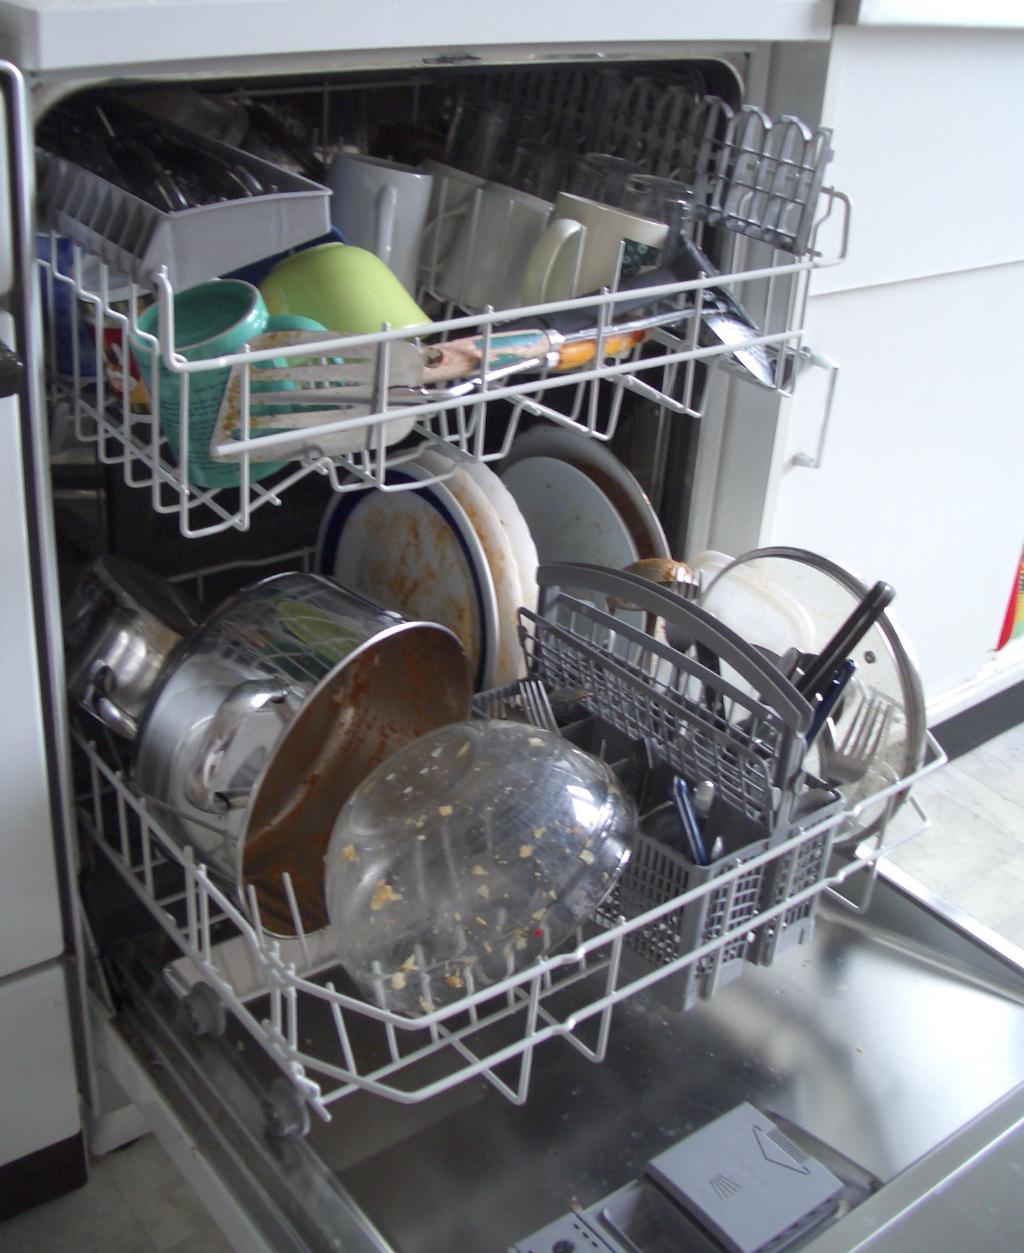 geschirrspülmaschine ~ Geschirrspülmaschine Düsen Verstopft